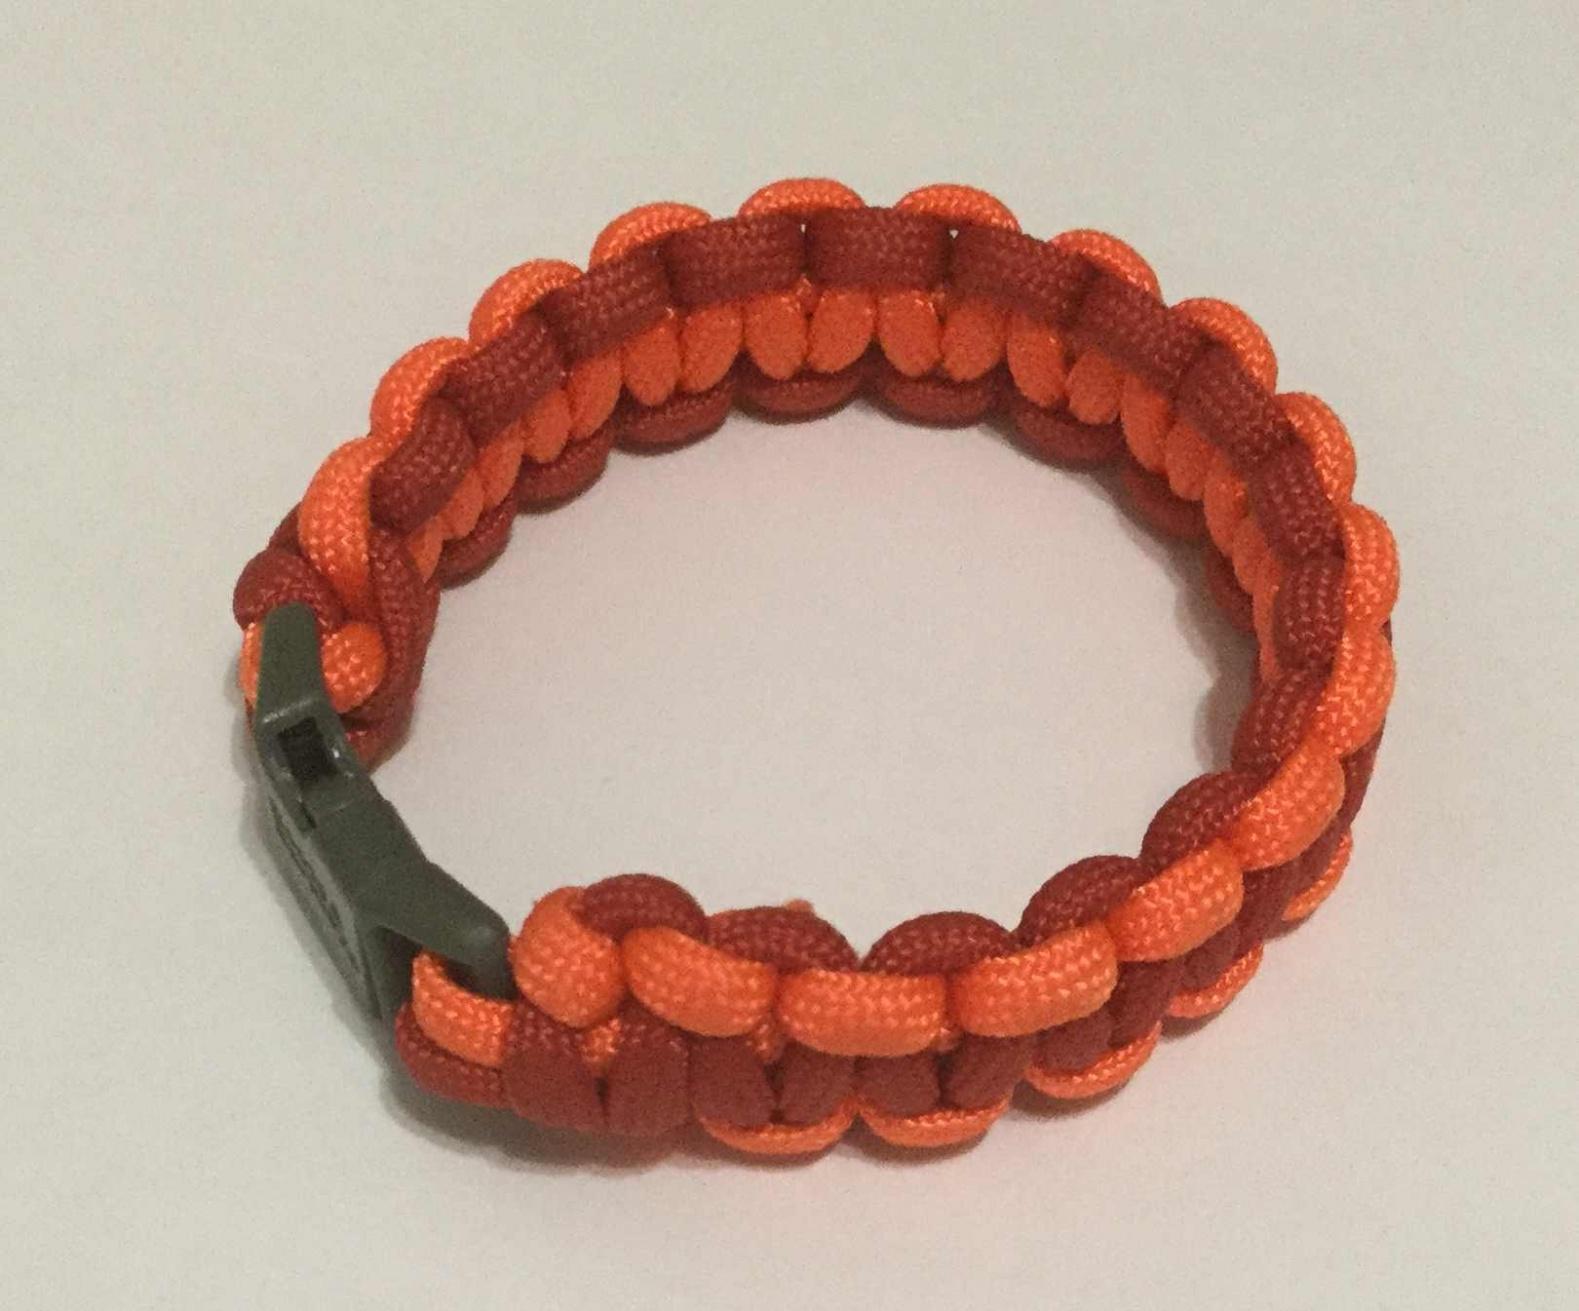 Click image for larger version  Name:bracelet.jpg Views:178 Size:404.2 KB ID:119313